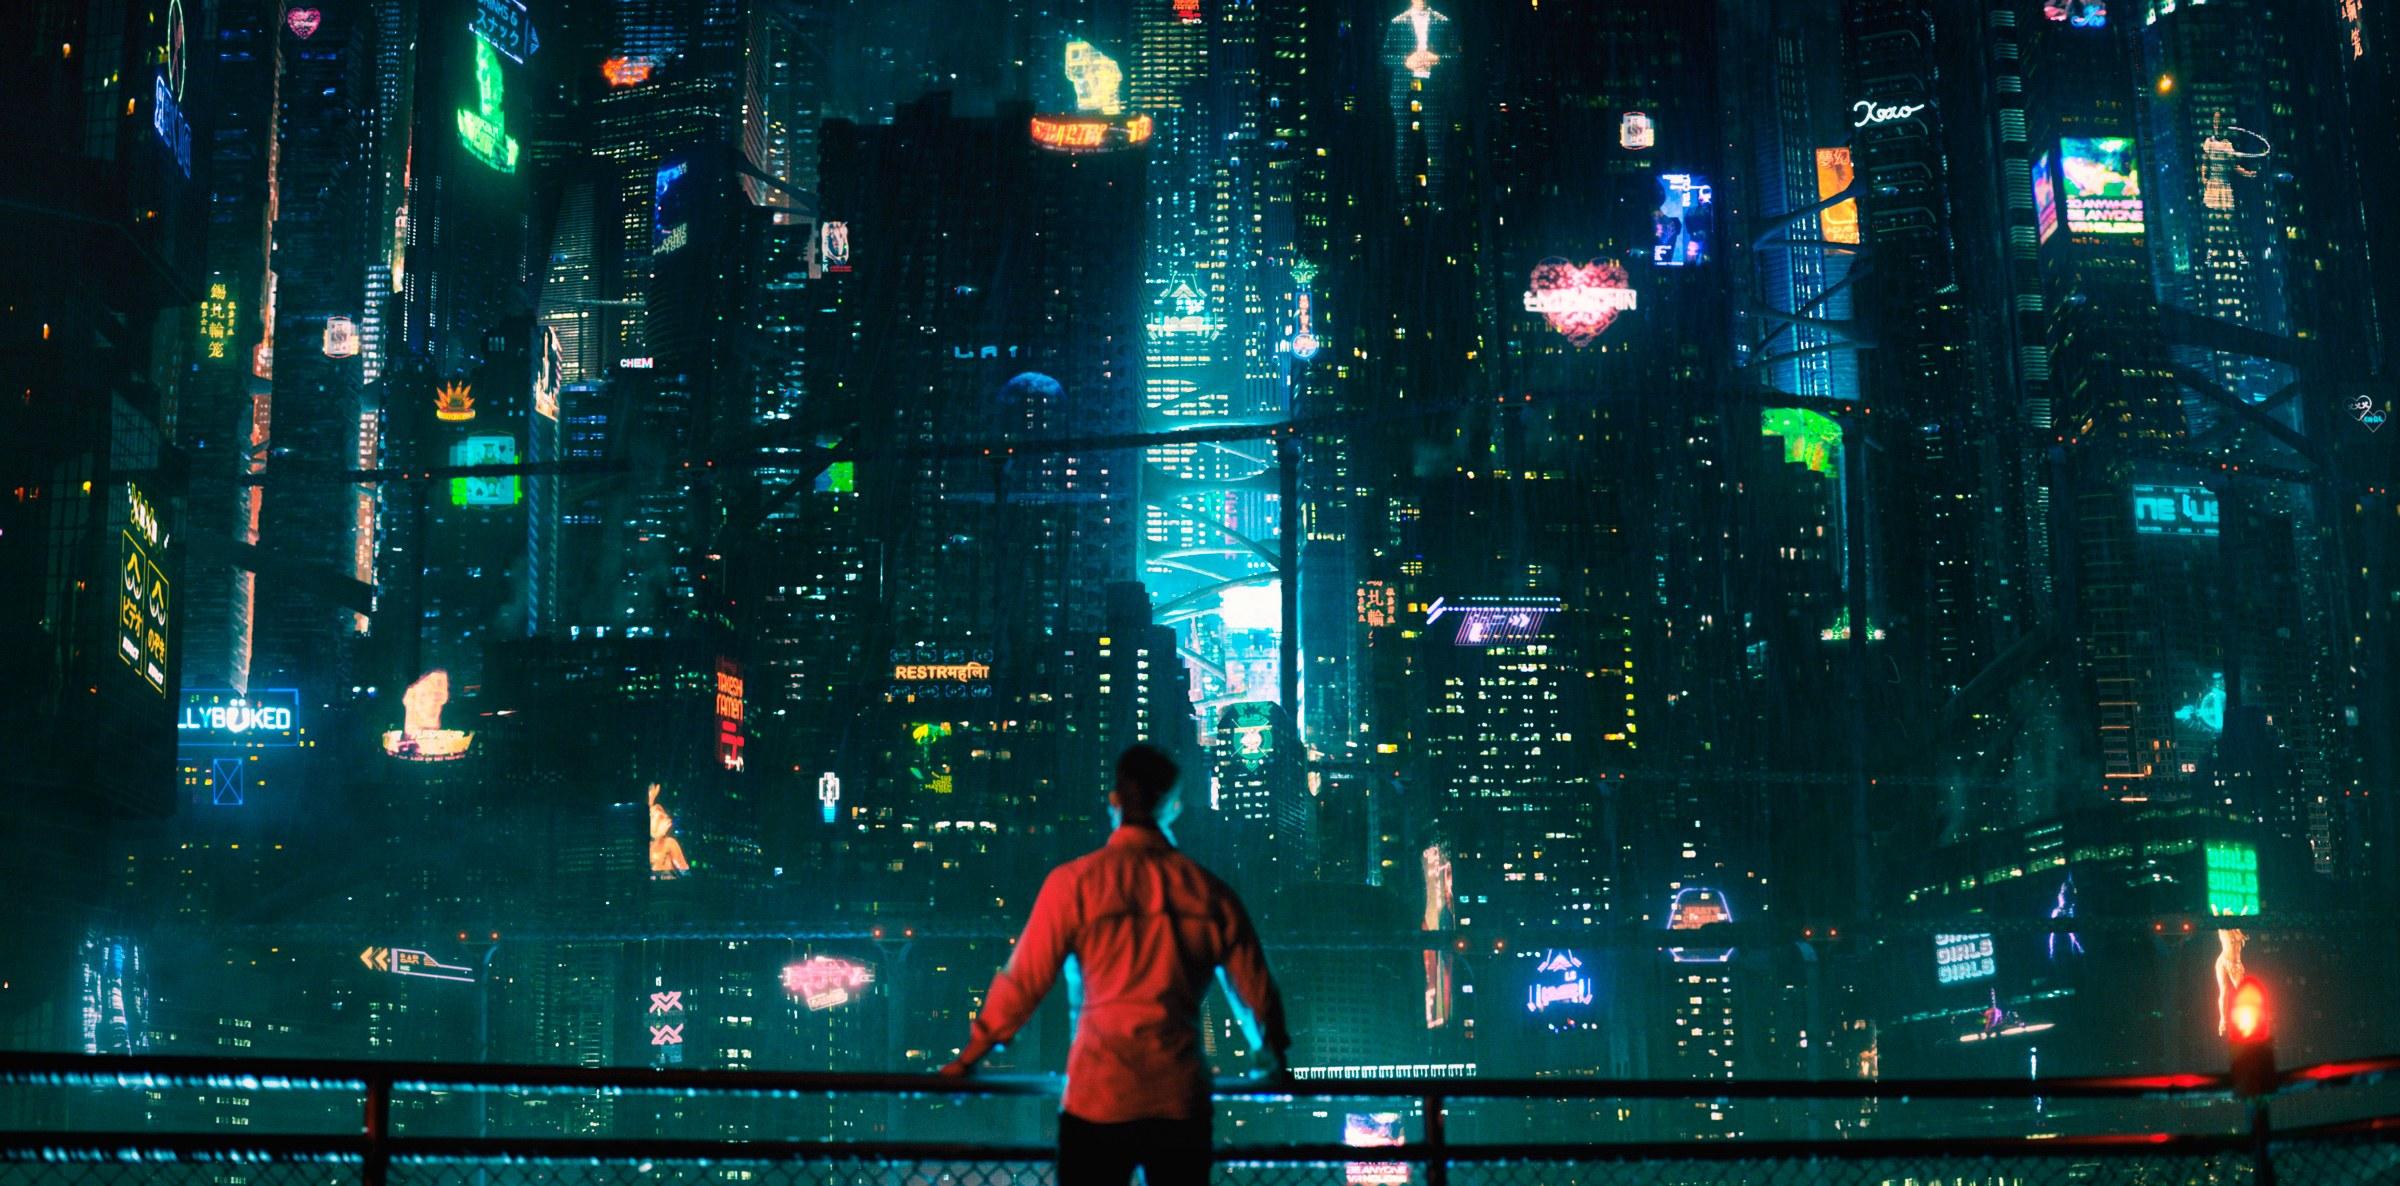 Imagem da série Altered Carbon, ou Carbono Alterado, da Netflix. A imagem mostra um homem olhando para uma gigantesca cidade.